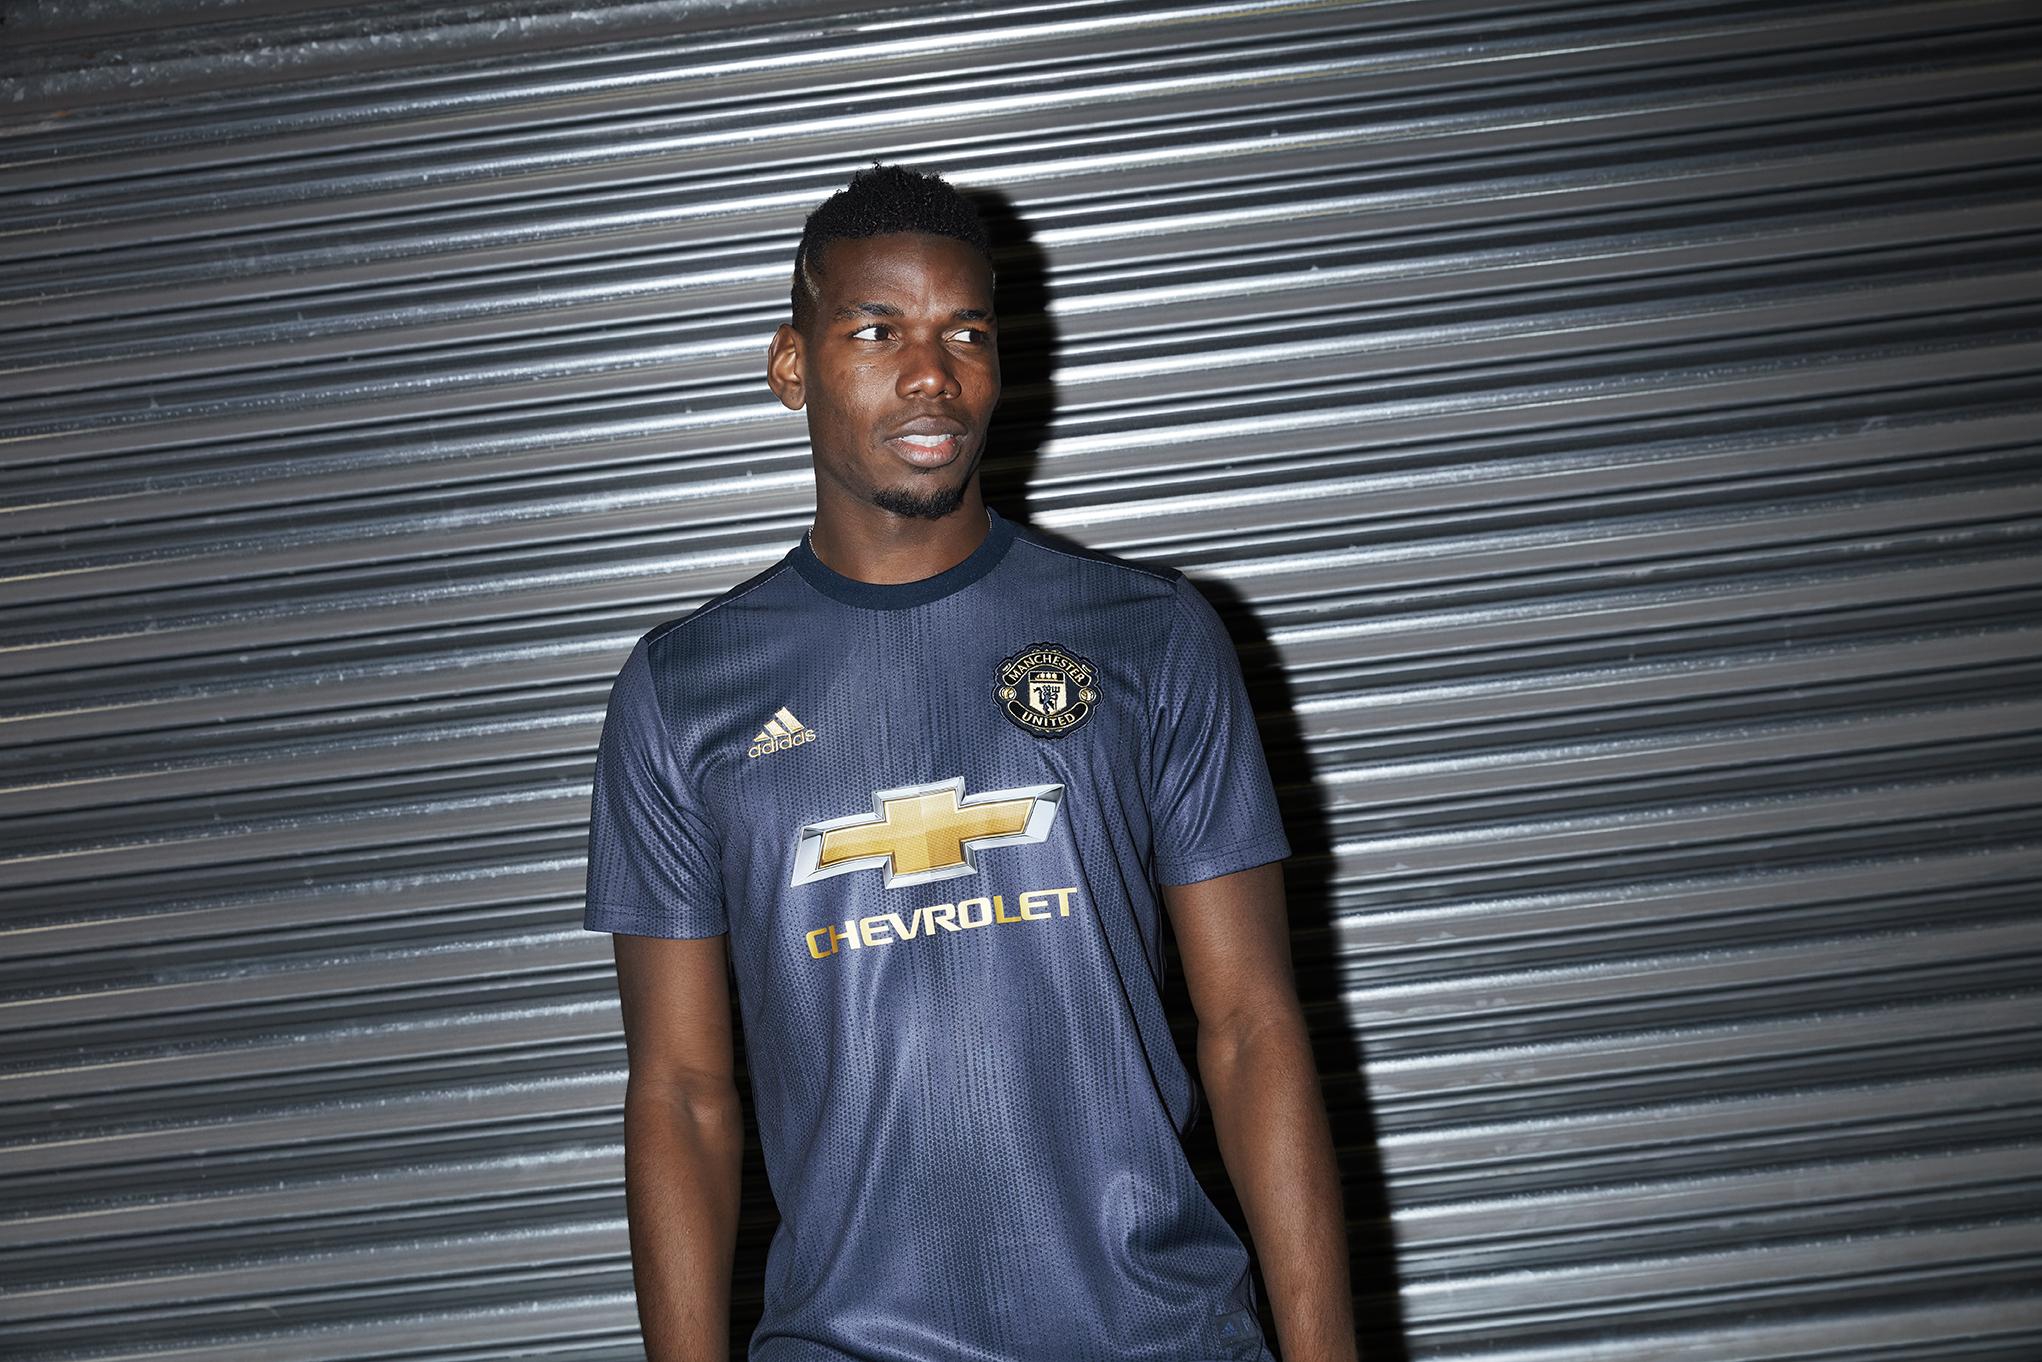 Manchester United capricha em nova camisa 3 para a próxima temporada ... 4f1771f105304